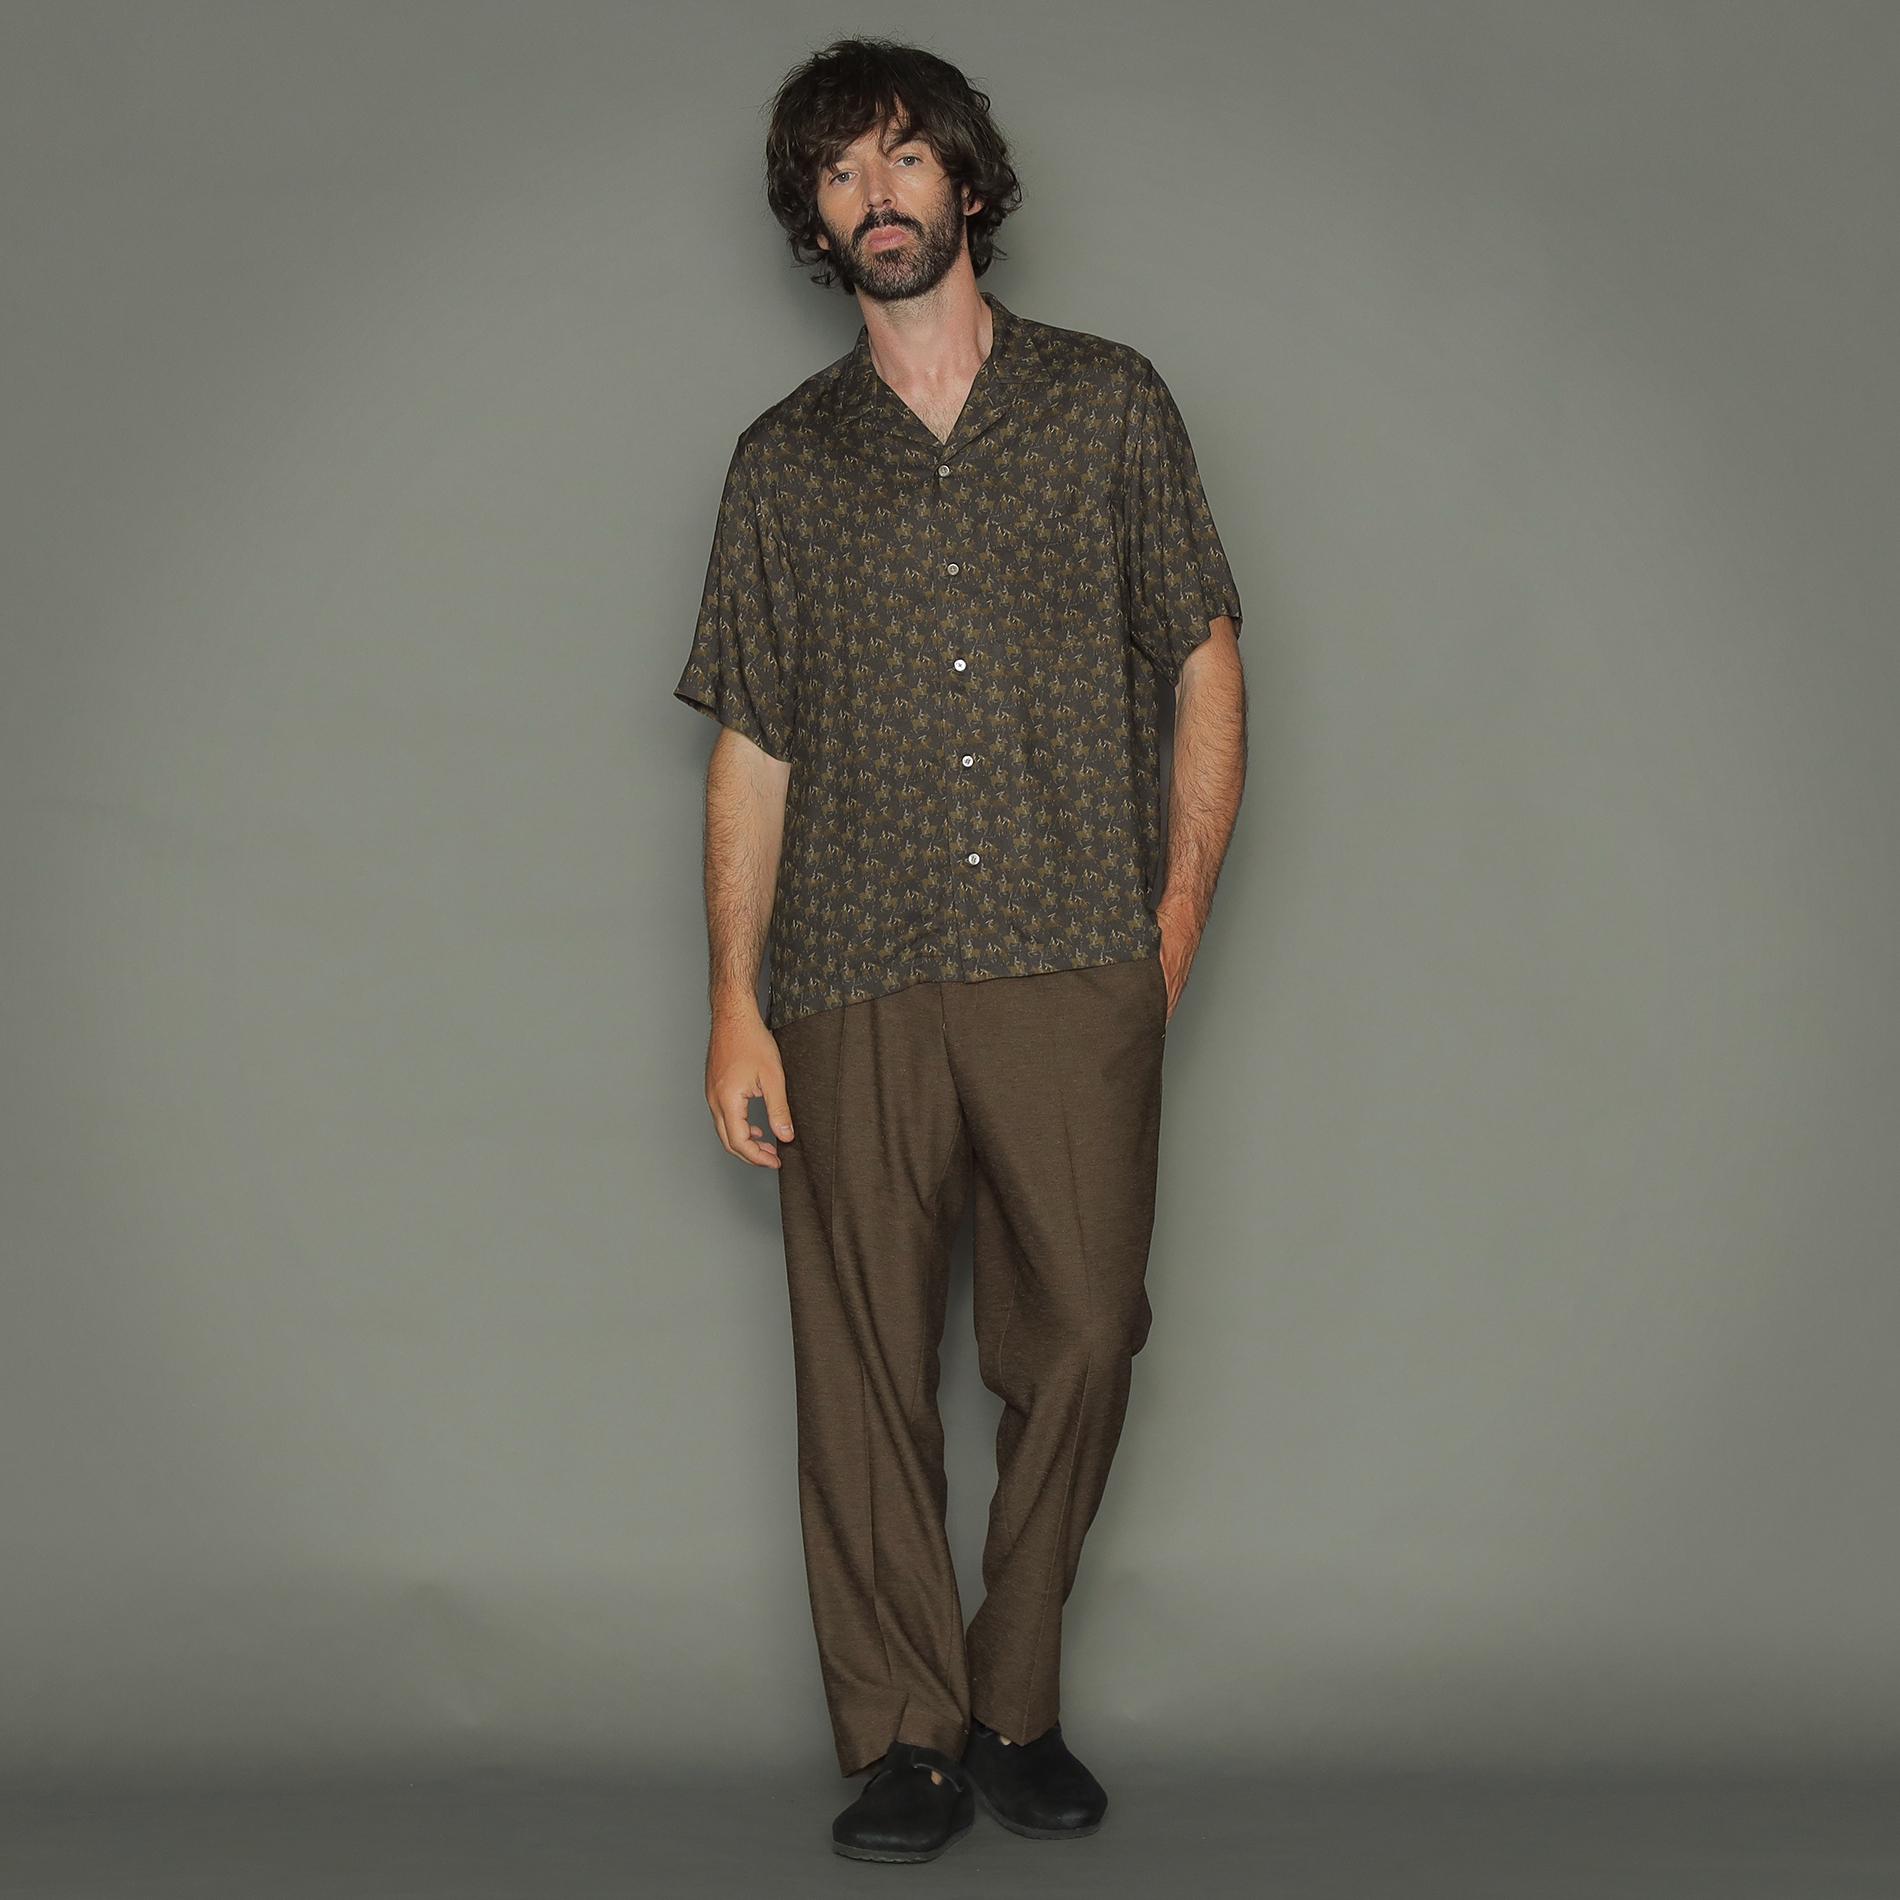 ヴィンテージ柄プリント半袖オープンカラーシャツ